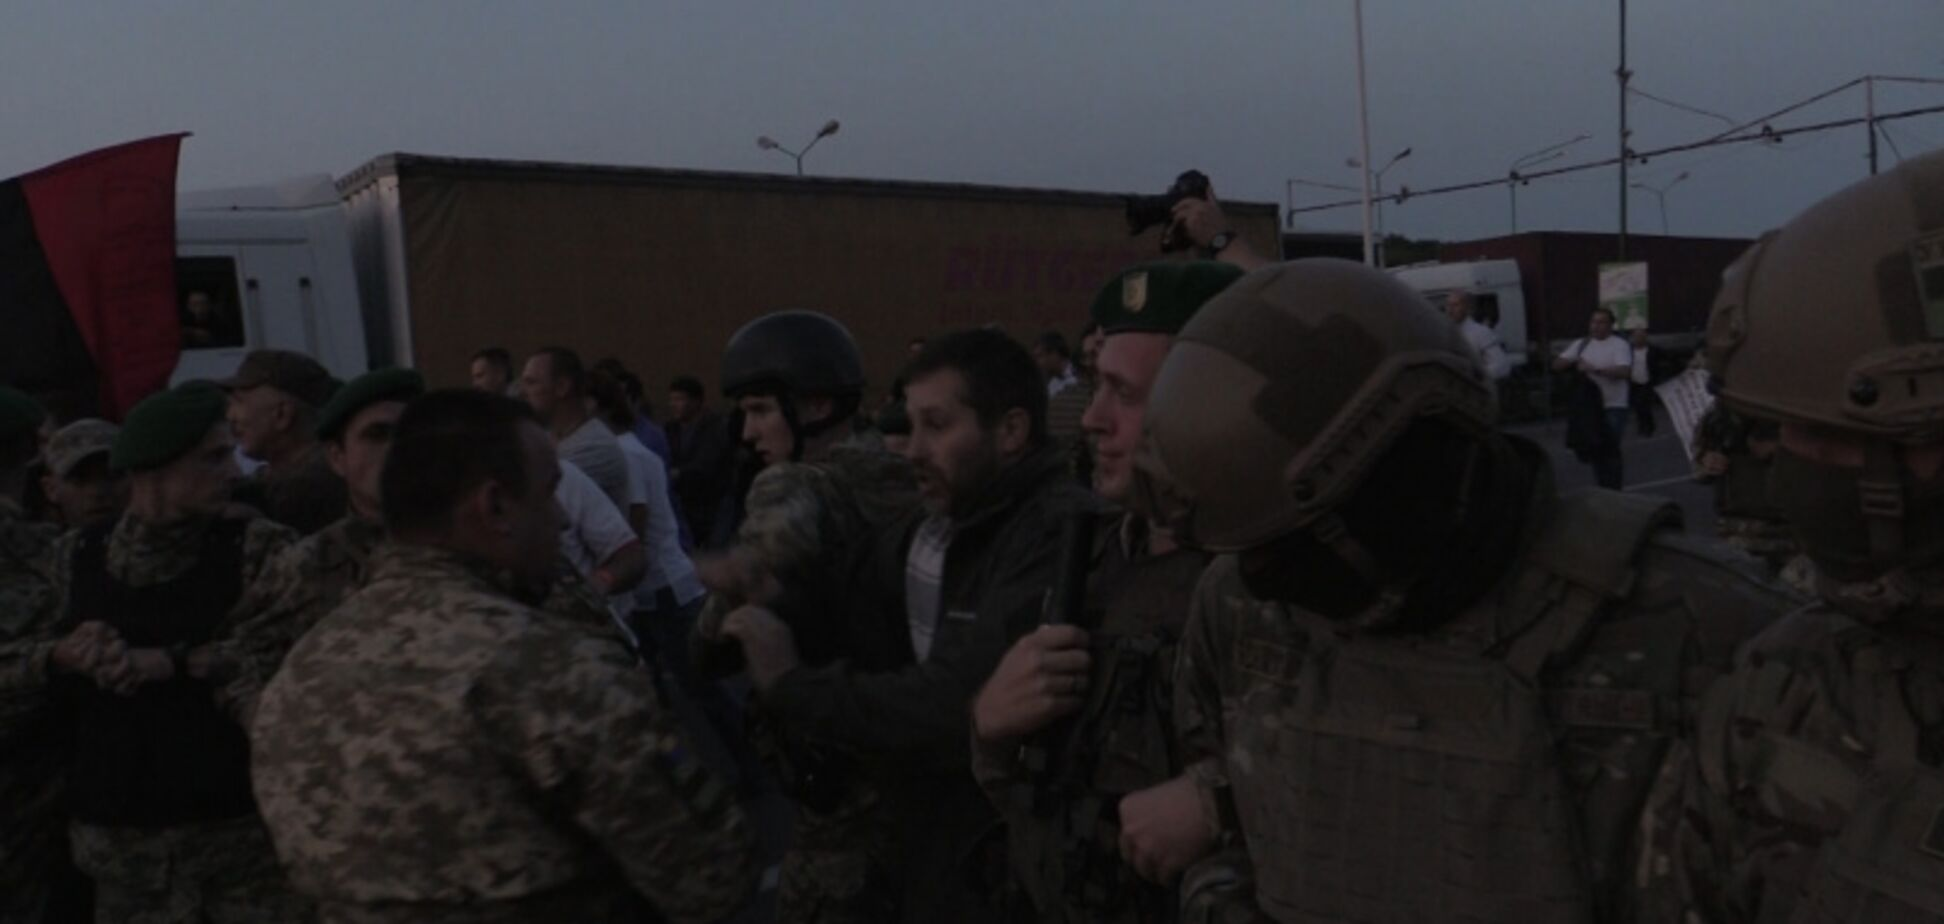 Постраждали 16 осіб: у МВС розповіли про наслідки прориву Саакашвілі